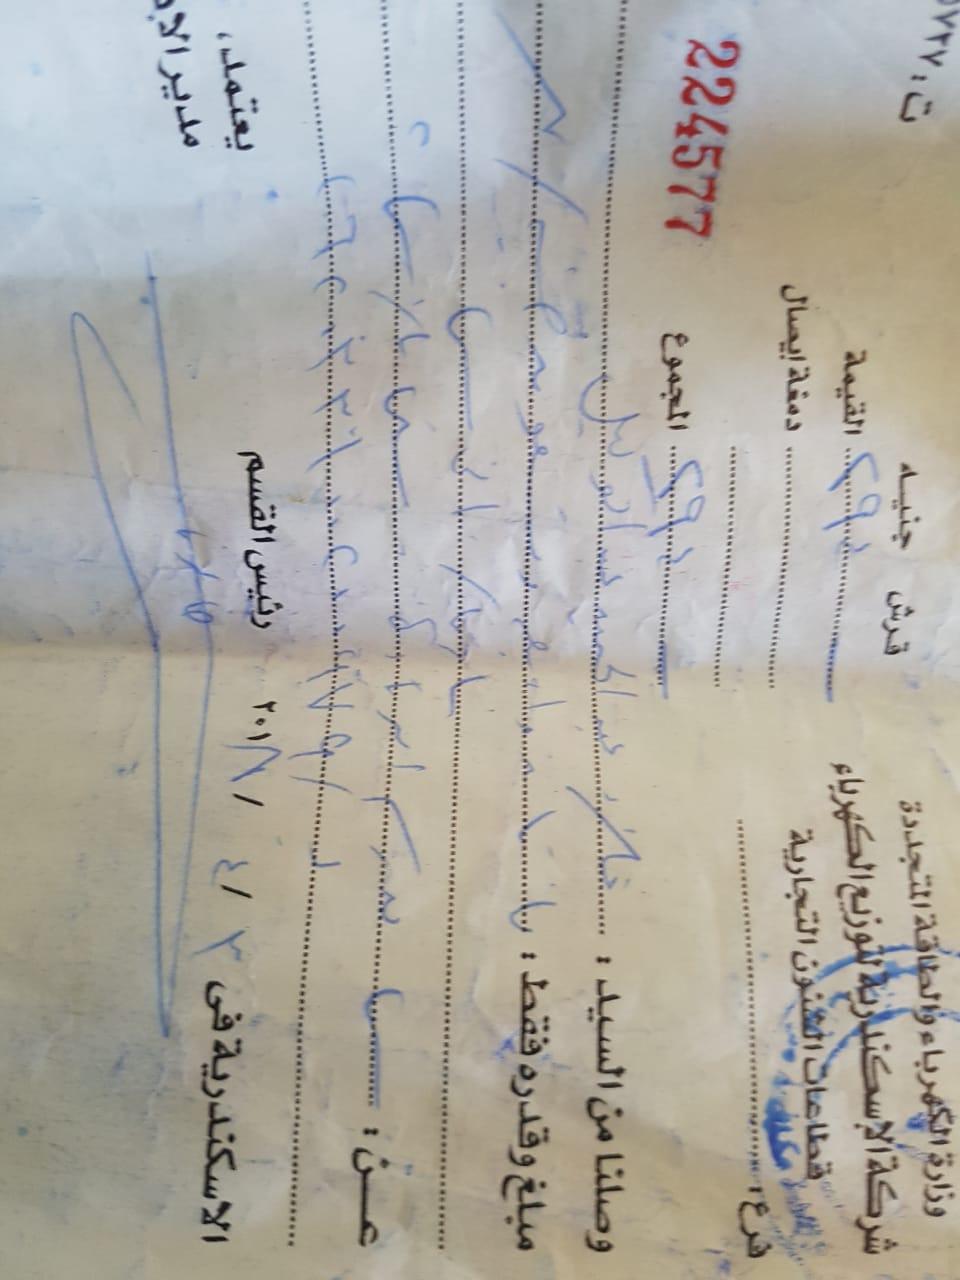 أزمة مشروع سيتي بالاس بالإسكندرية (8)